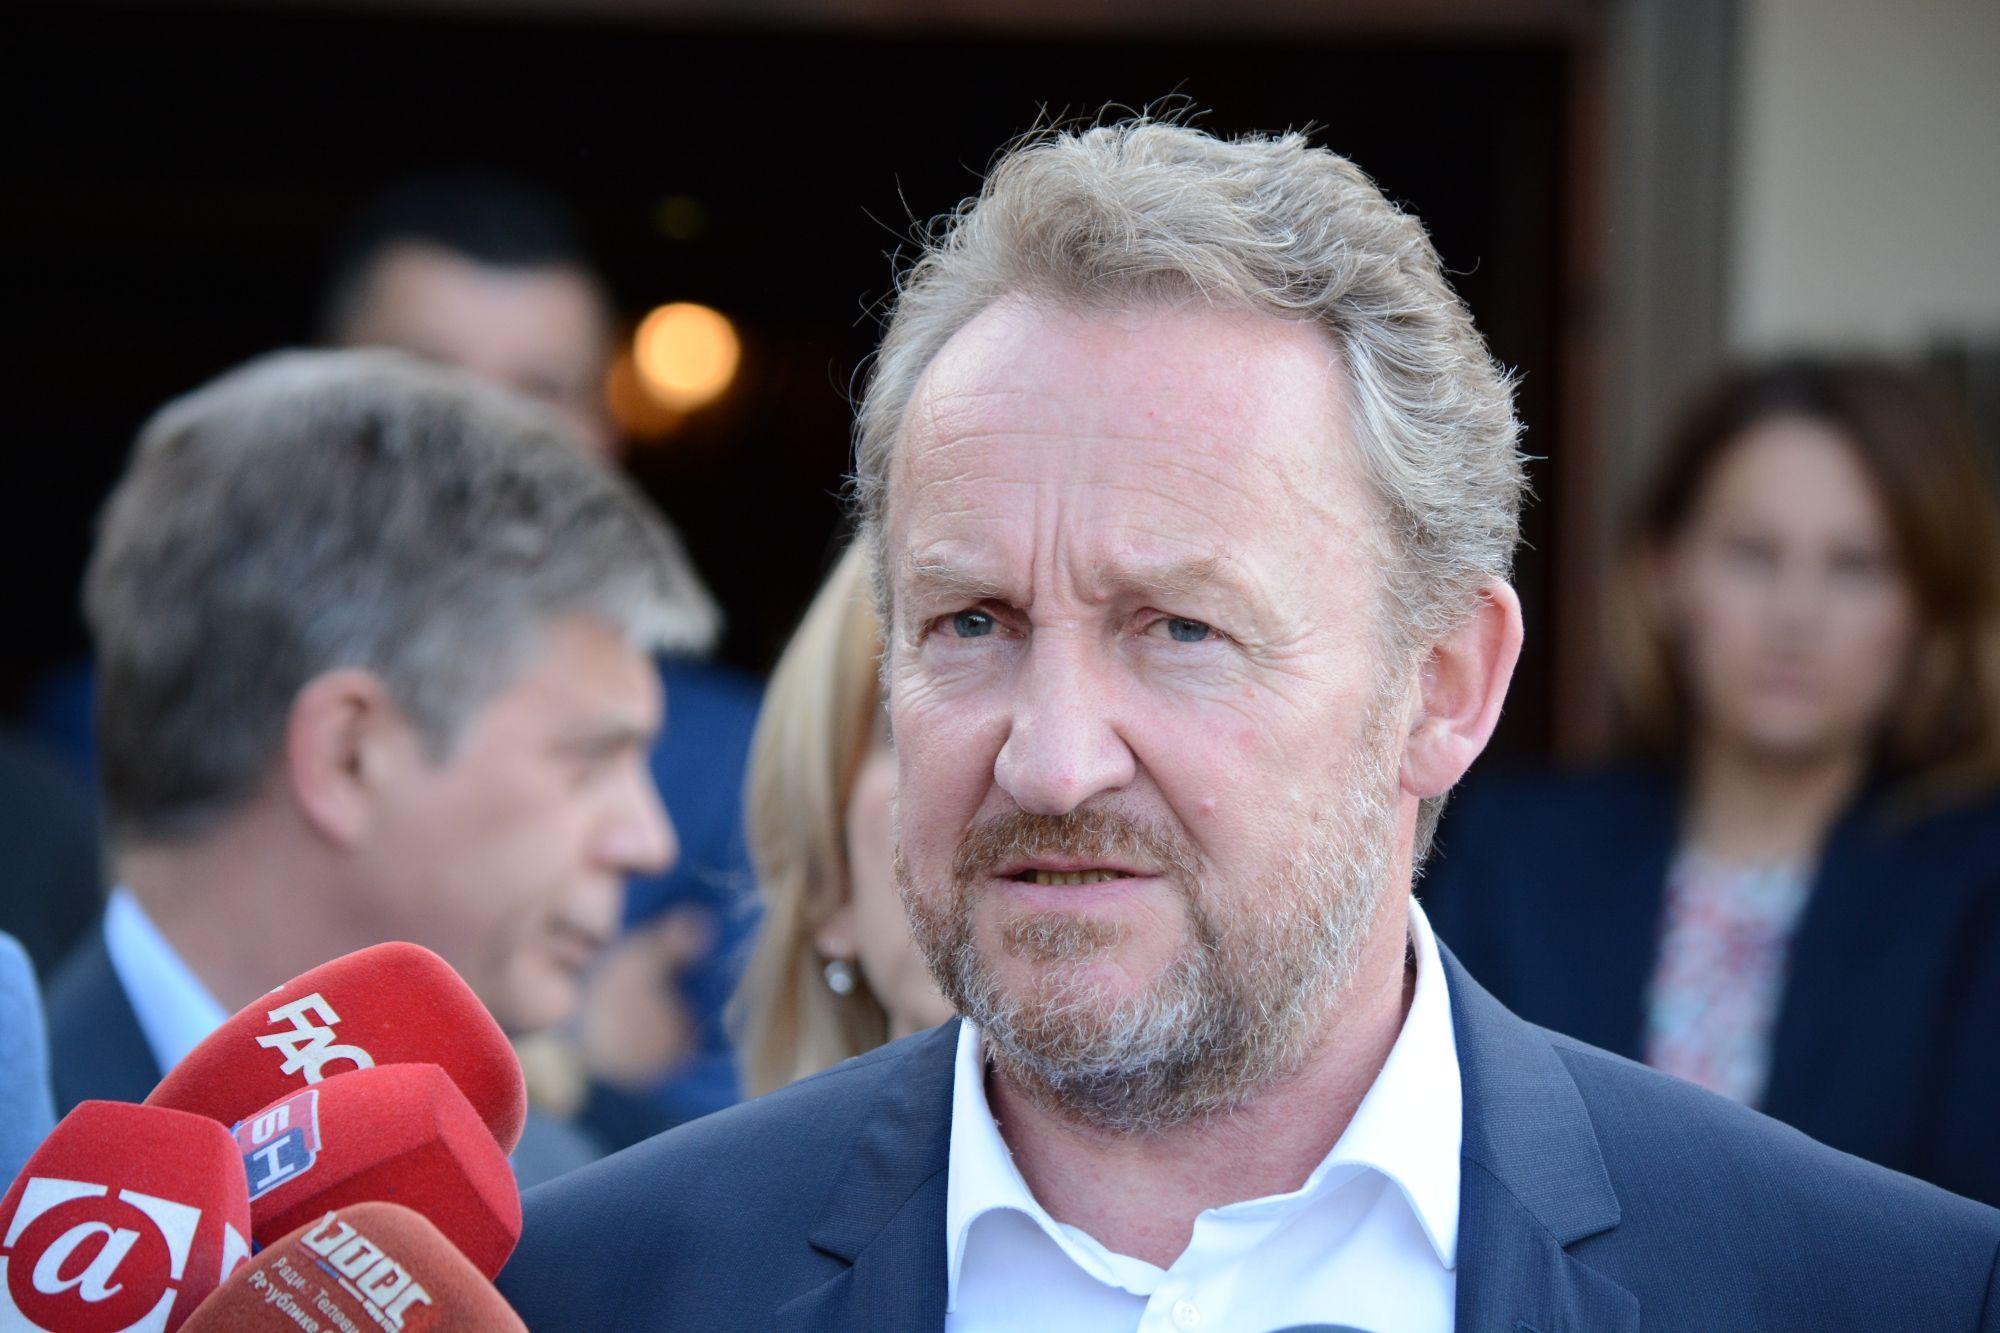 SARAJEVO, 31. jula (FENA) - Šef delegacije EU i specijalni predstavnik EU Lars-Gunnar Wigemark, koji je bio domaćin sastanka delegacija SDA i SNSD-a predvođenih stranačkim liderima Bakirom Izetbegovićem i Miloradom Dodikom,  izjavio je novinarima nakon sastanka da je postignuta saglasnost o brojnim važnim pitanjima uključujući aranžman sa MMF-om, mehanizam koordinacije, strategije u  sektoru transporta te druga važna pitanja. Foto FENA /Almir Razic